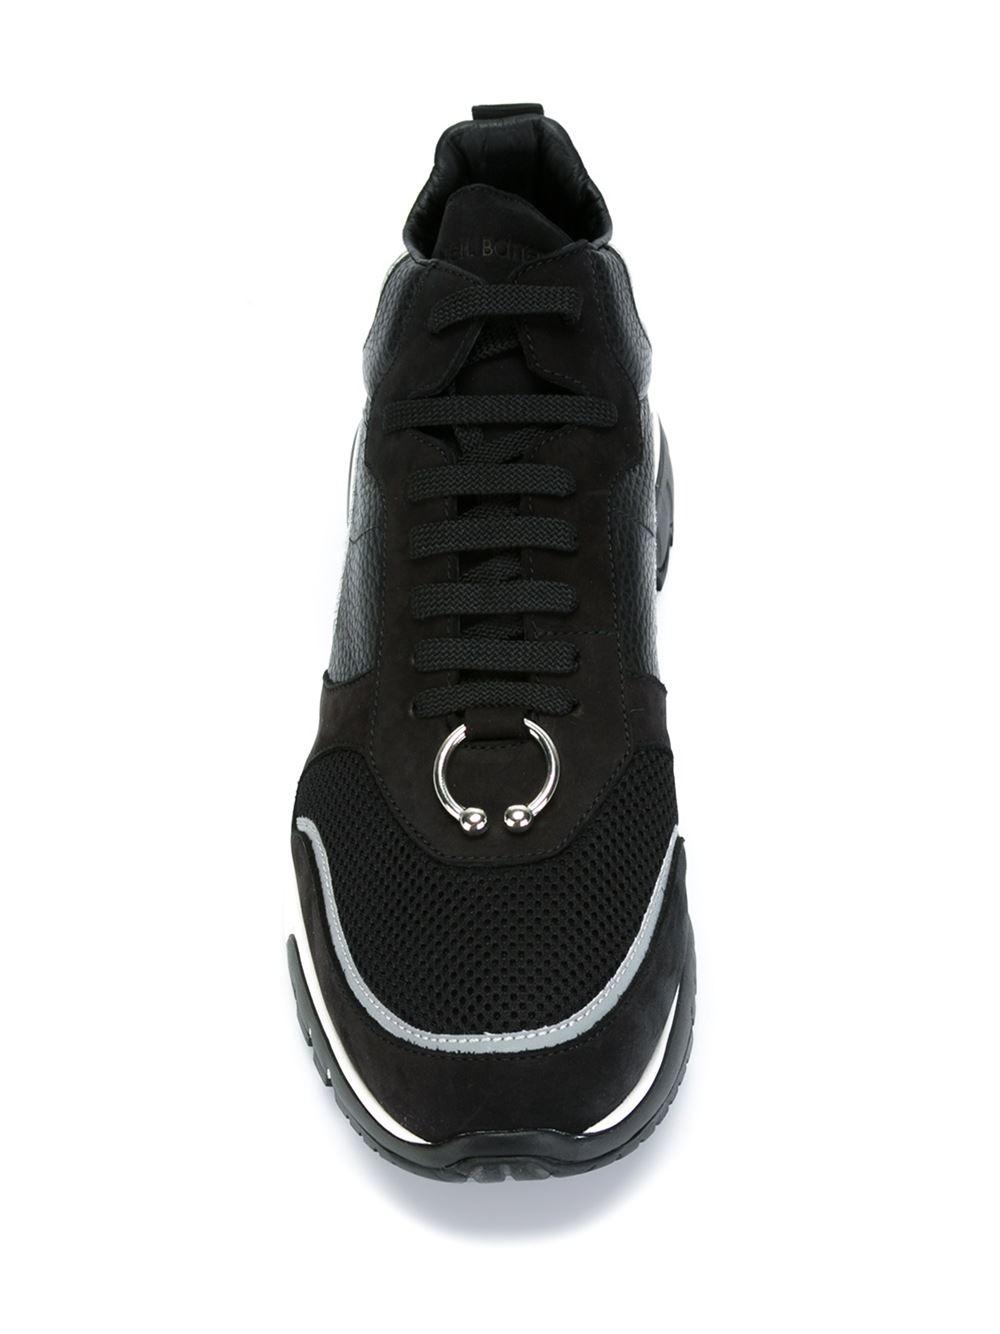 Neil Barrett Platform sneakers Le Plus Grand Fournisseur À Vendre Pas Cher Authentique Best-seller Grande Vente En Ligne qbPI5Bp